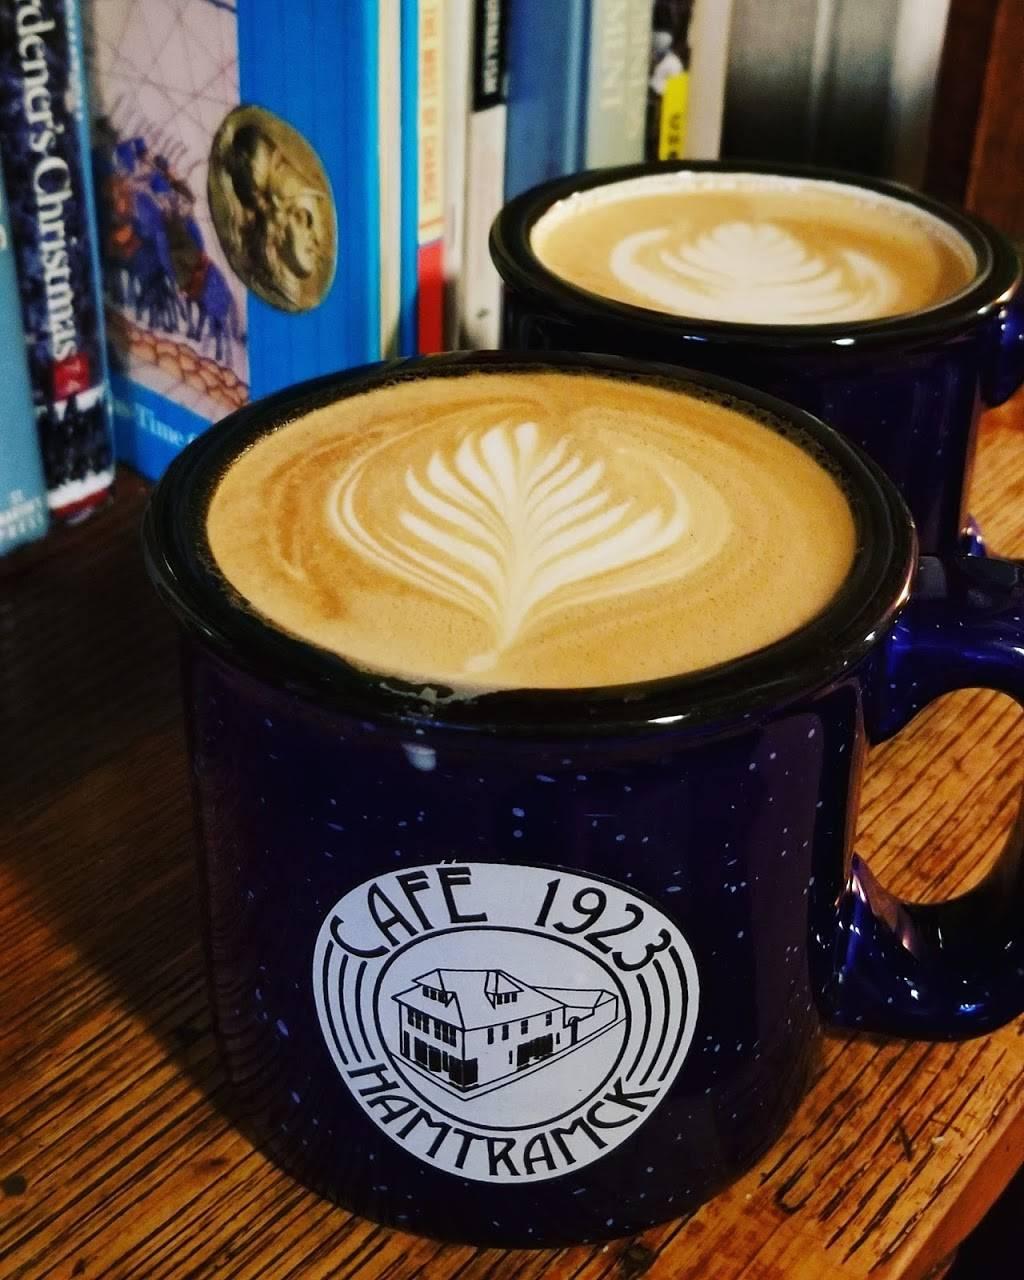 Cafe 1923 - cafe  | Photo 2 of 10 | Address: 2287 Holbrook Ave, Hamtramck, MI 48212, USA | Phone: (313) 319-8766